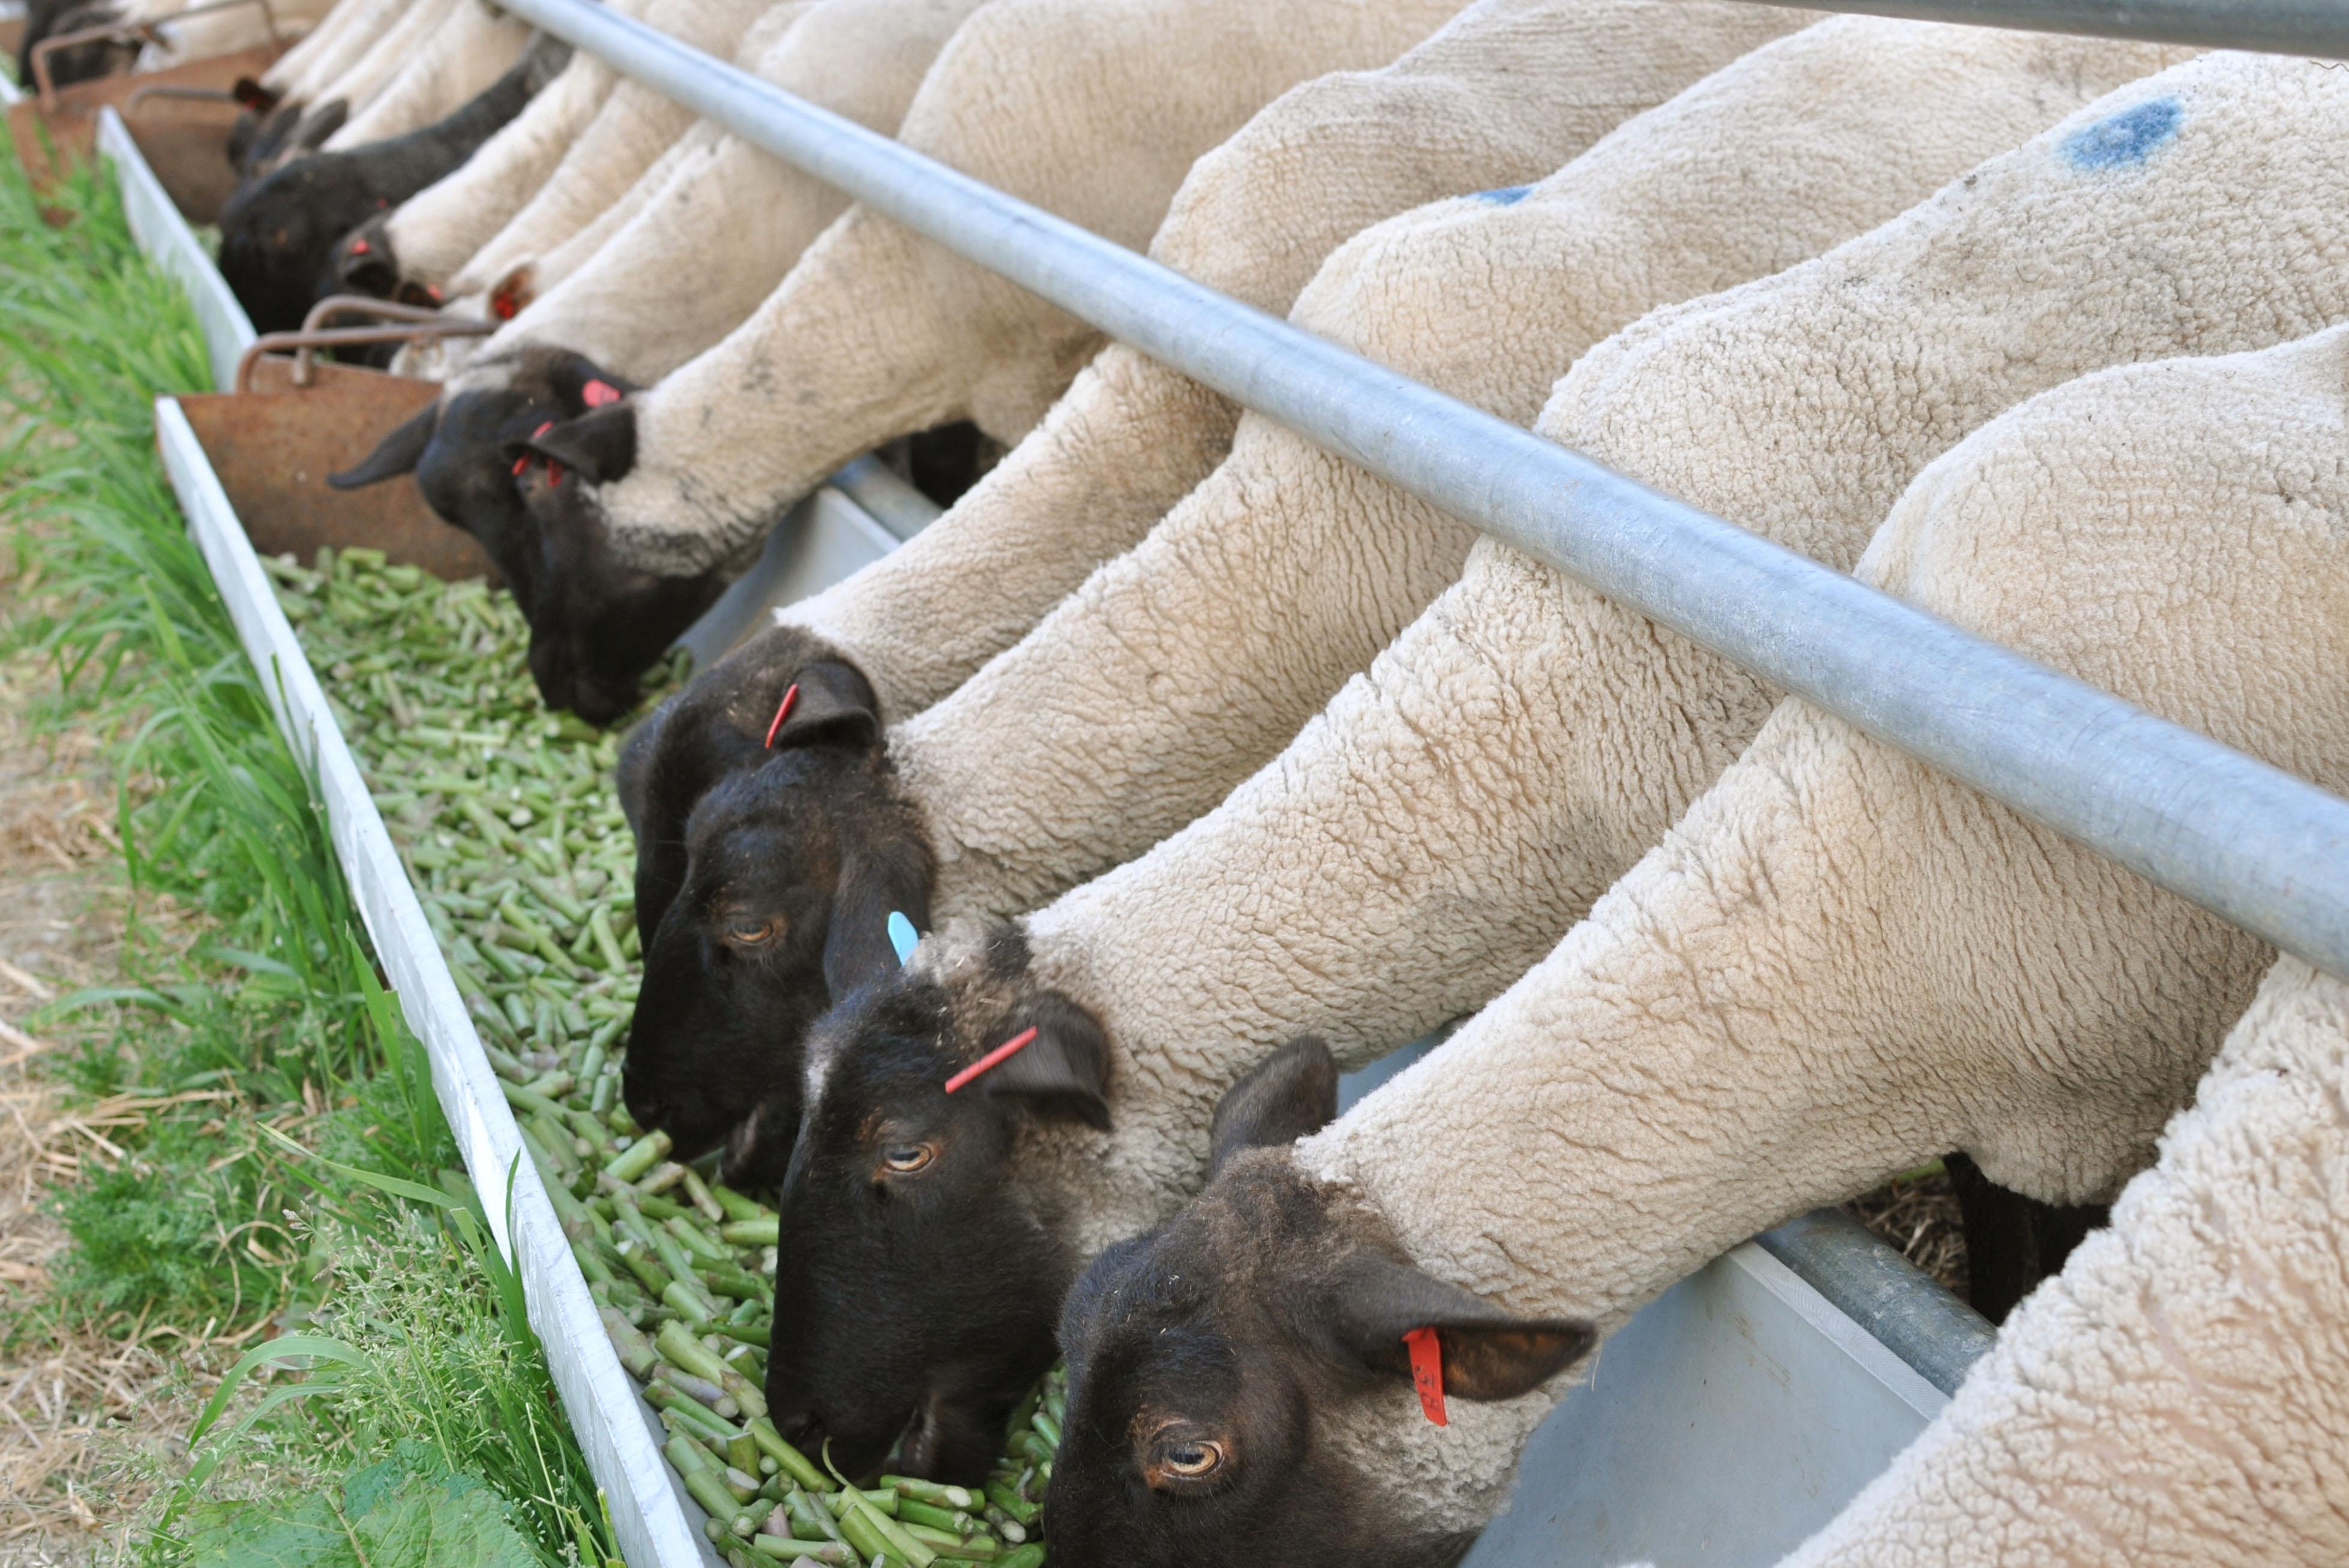 Hokkaido sheep farmer feeds flock on asparagus | The Japan Times